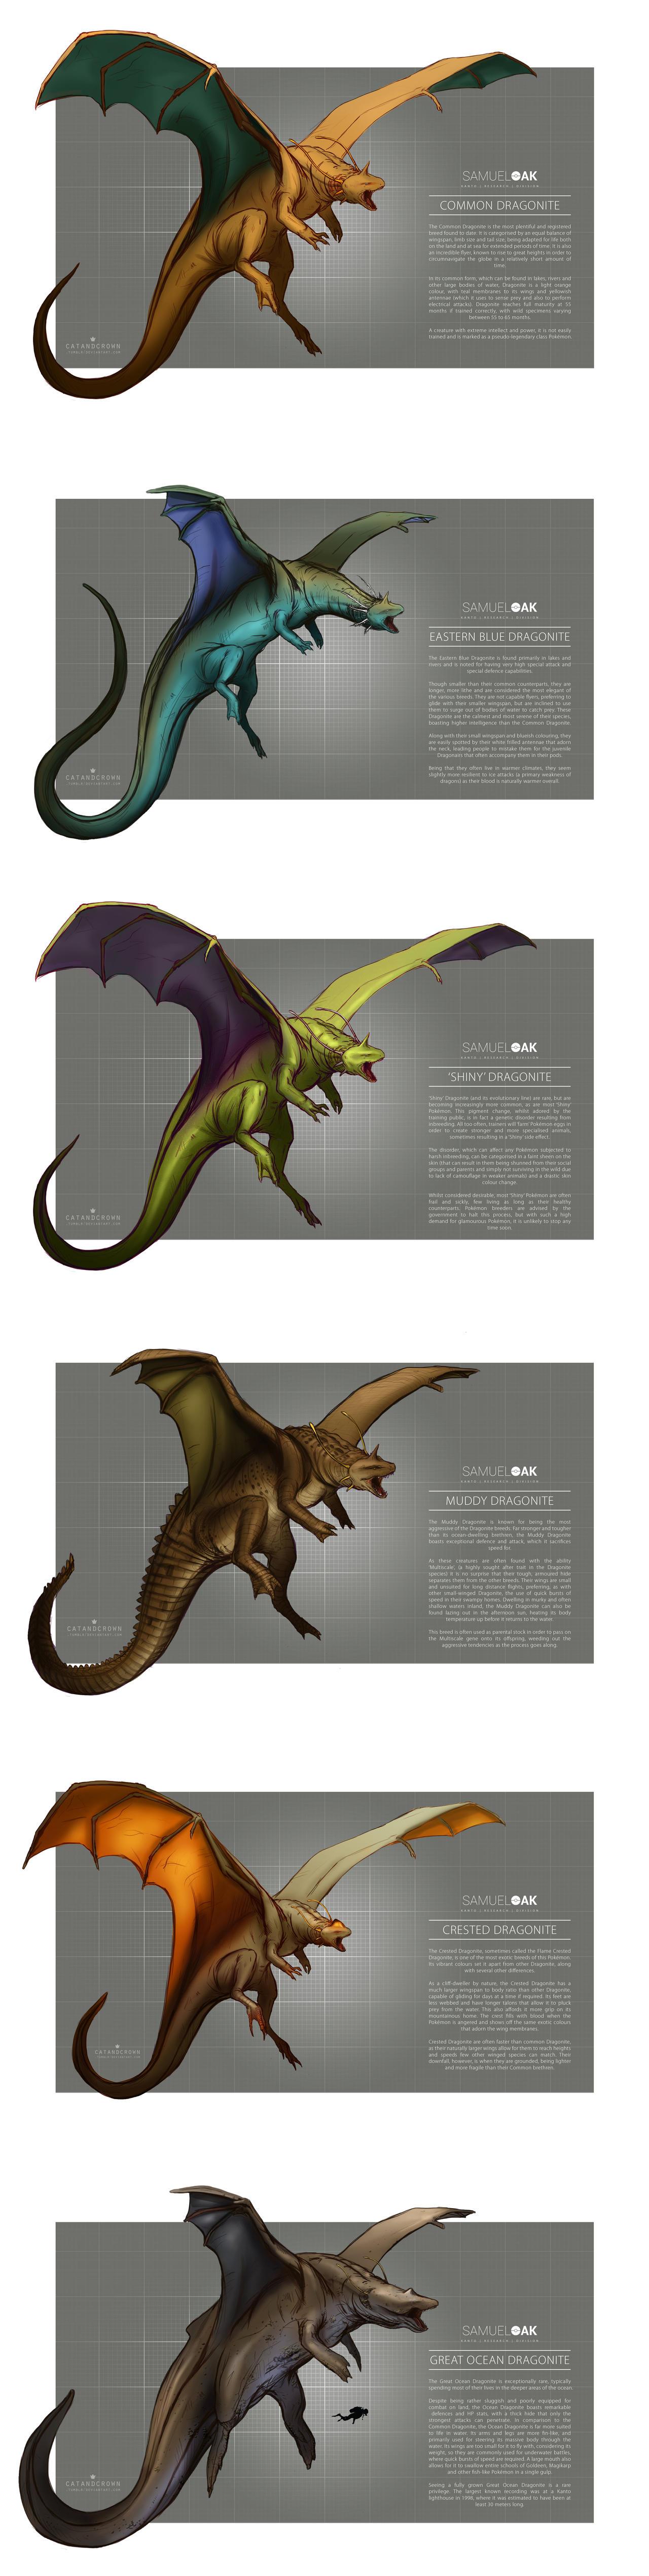 Pokemon Morphology - Dragonite by catandcrown